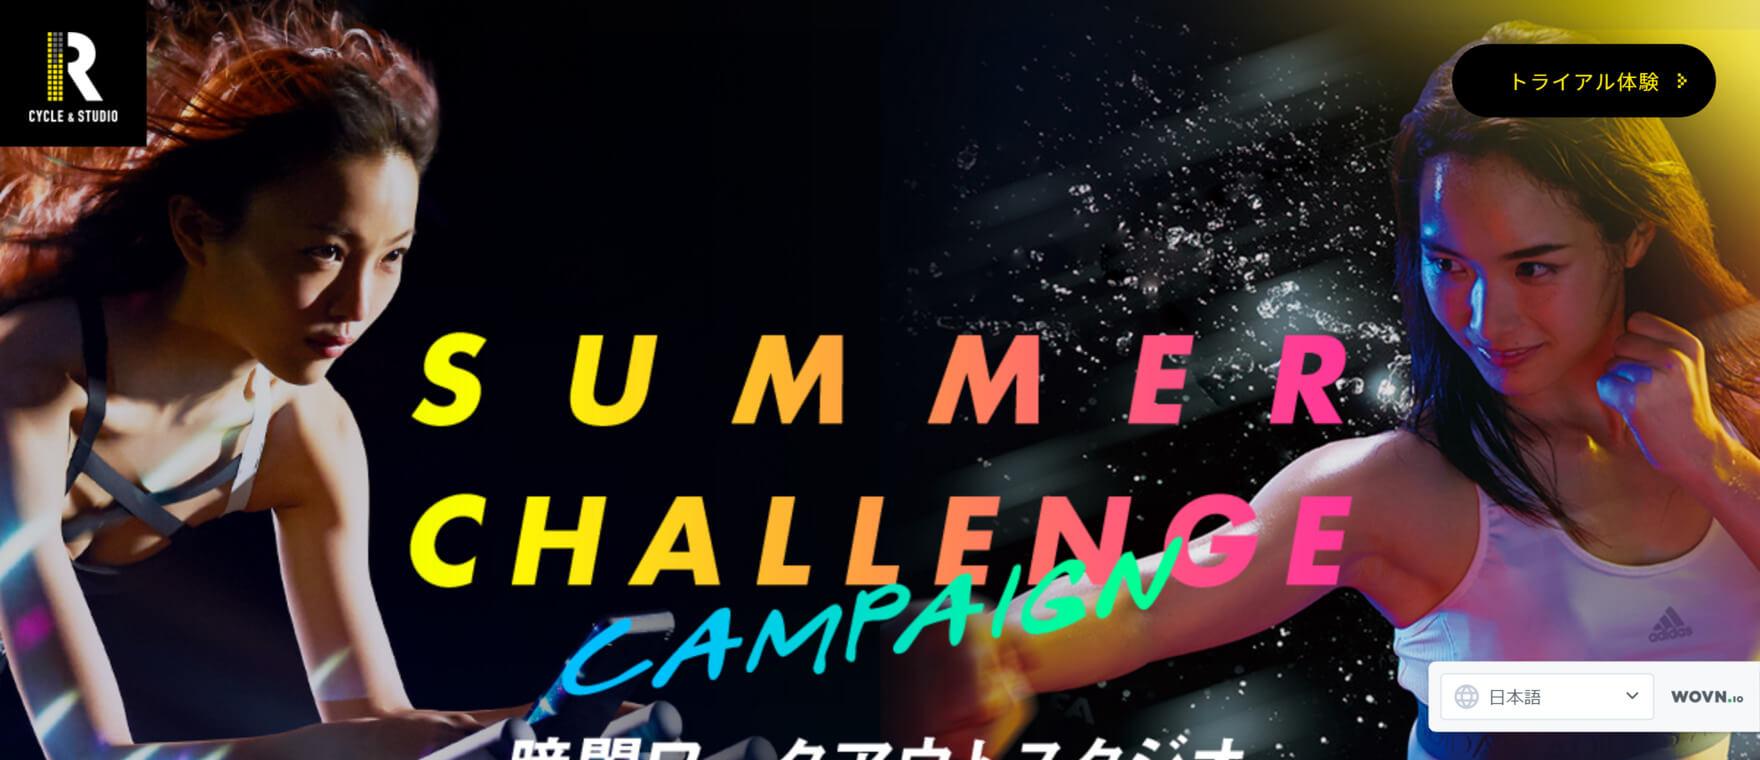 CYCLE & STUDIO RShibuyaのイメージ画像